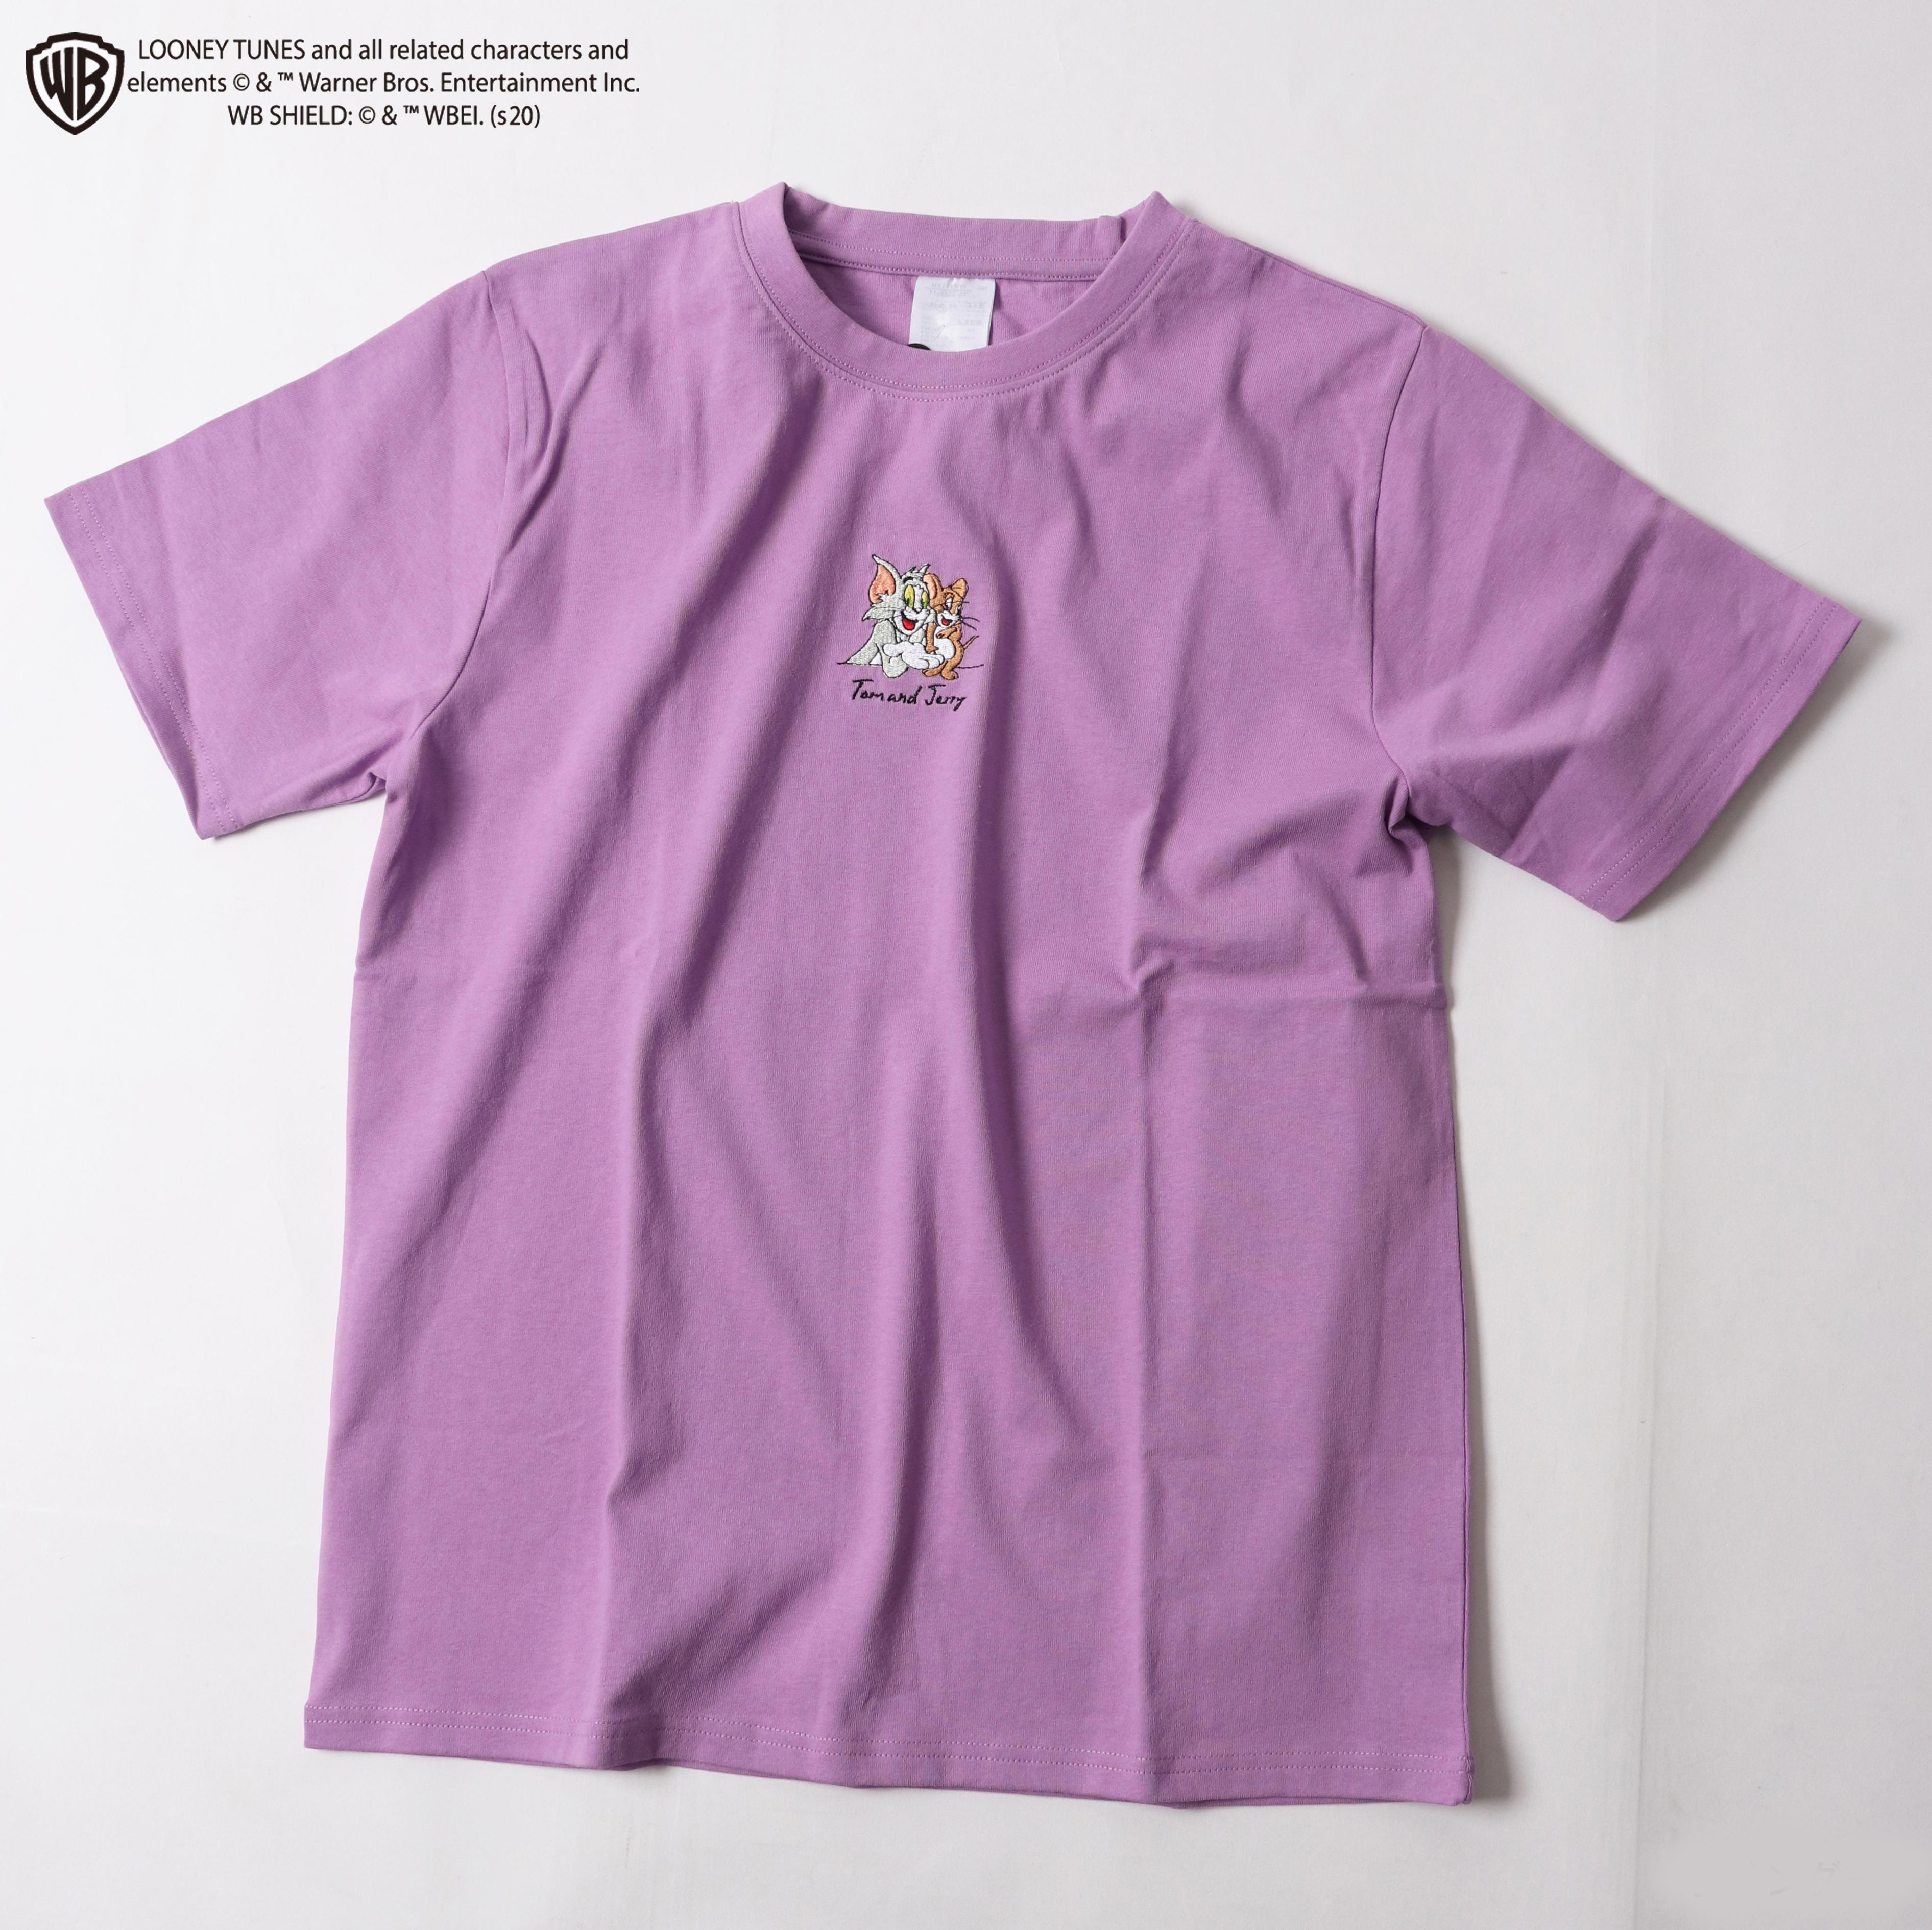 【トム&ジェリー】レギュラーシルエットワンポイント刺繍半袖Tシャツ NO0530122